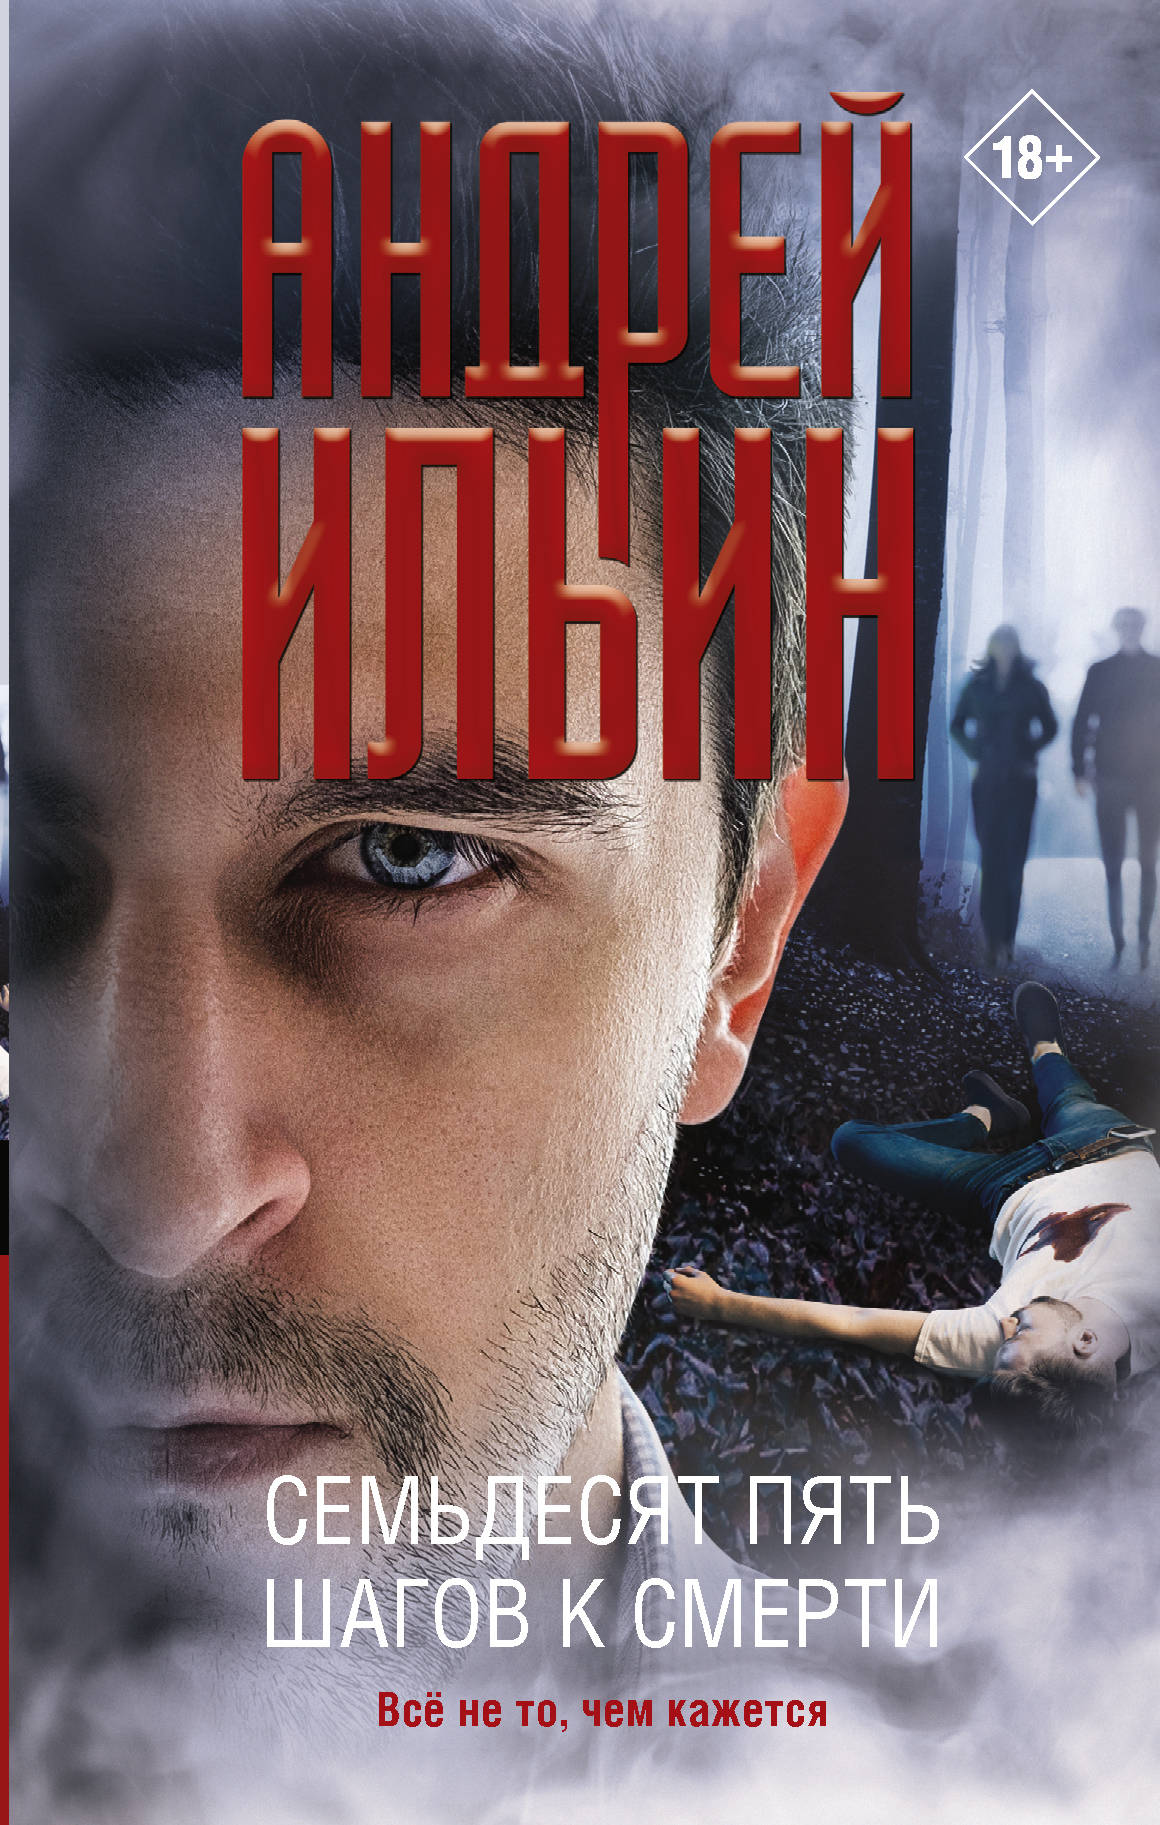 Ильин Андрей Александрович Семьдесят пять шагов к смерти